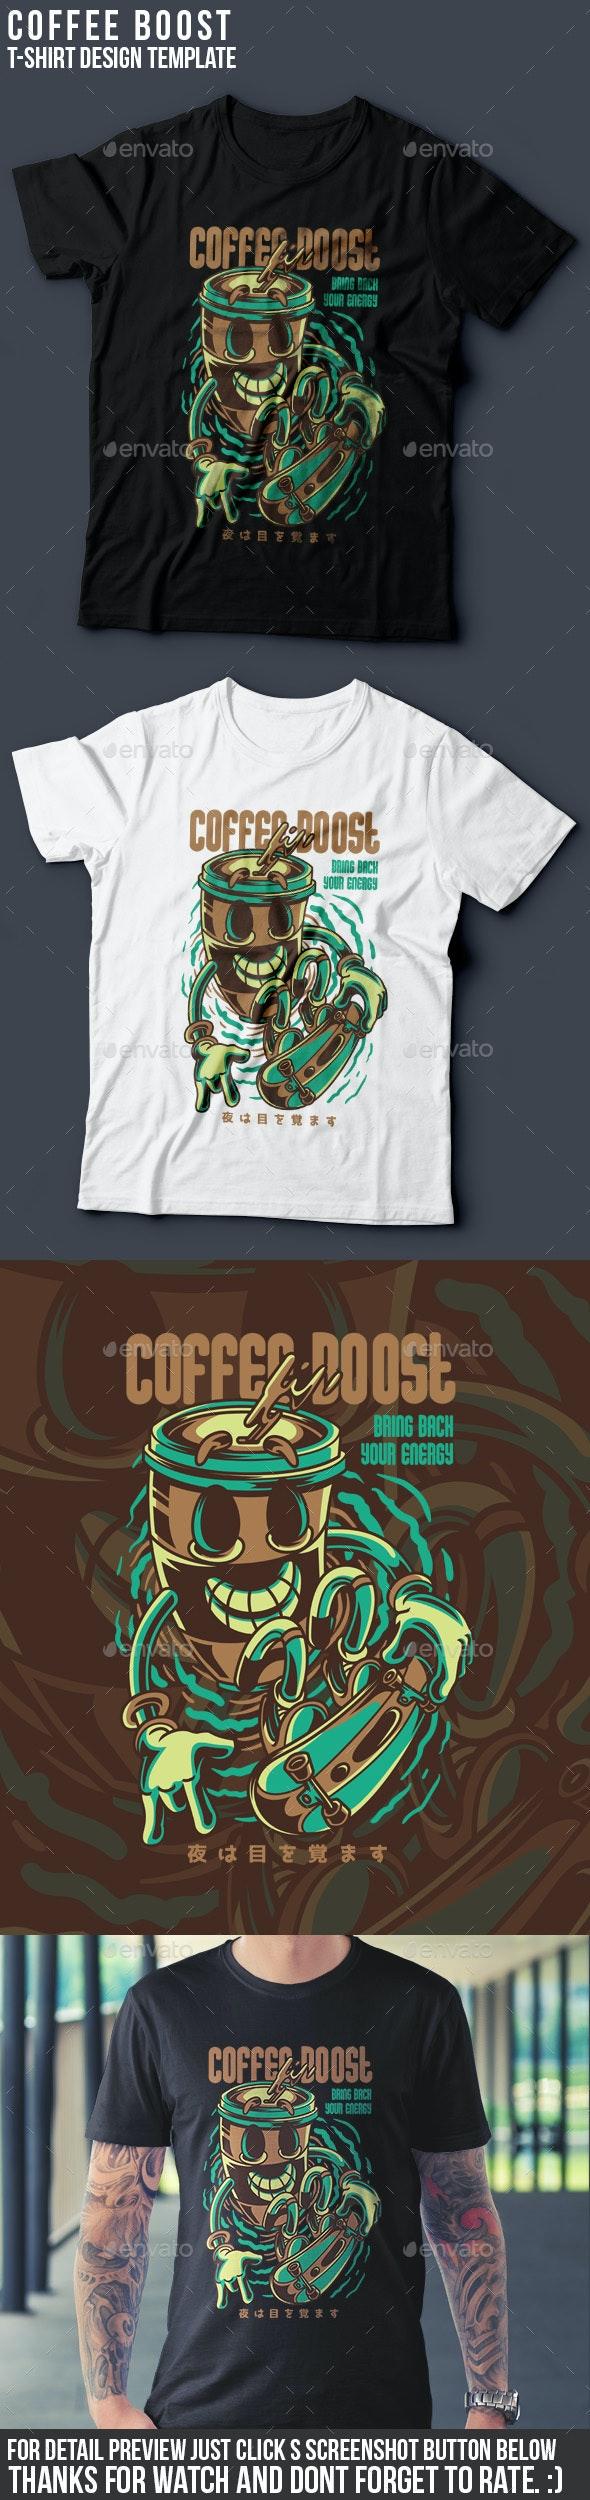 Coffee Boost T-Shirt Design - Clean Designs